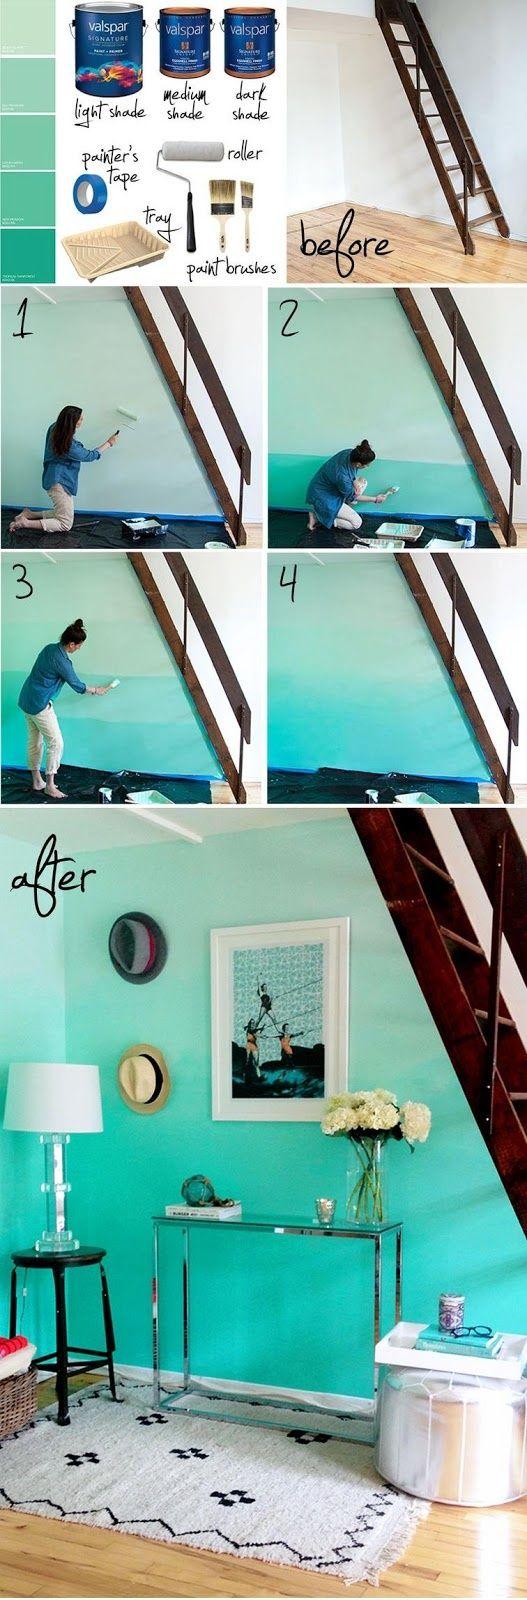 Réaliser un dégradé sur un mur. C'est l'idée déco du dimanche!    (Source: http://pinterest.com/pin/96053404525490671/) Bon dimanche à t